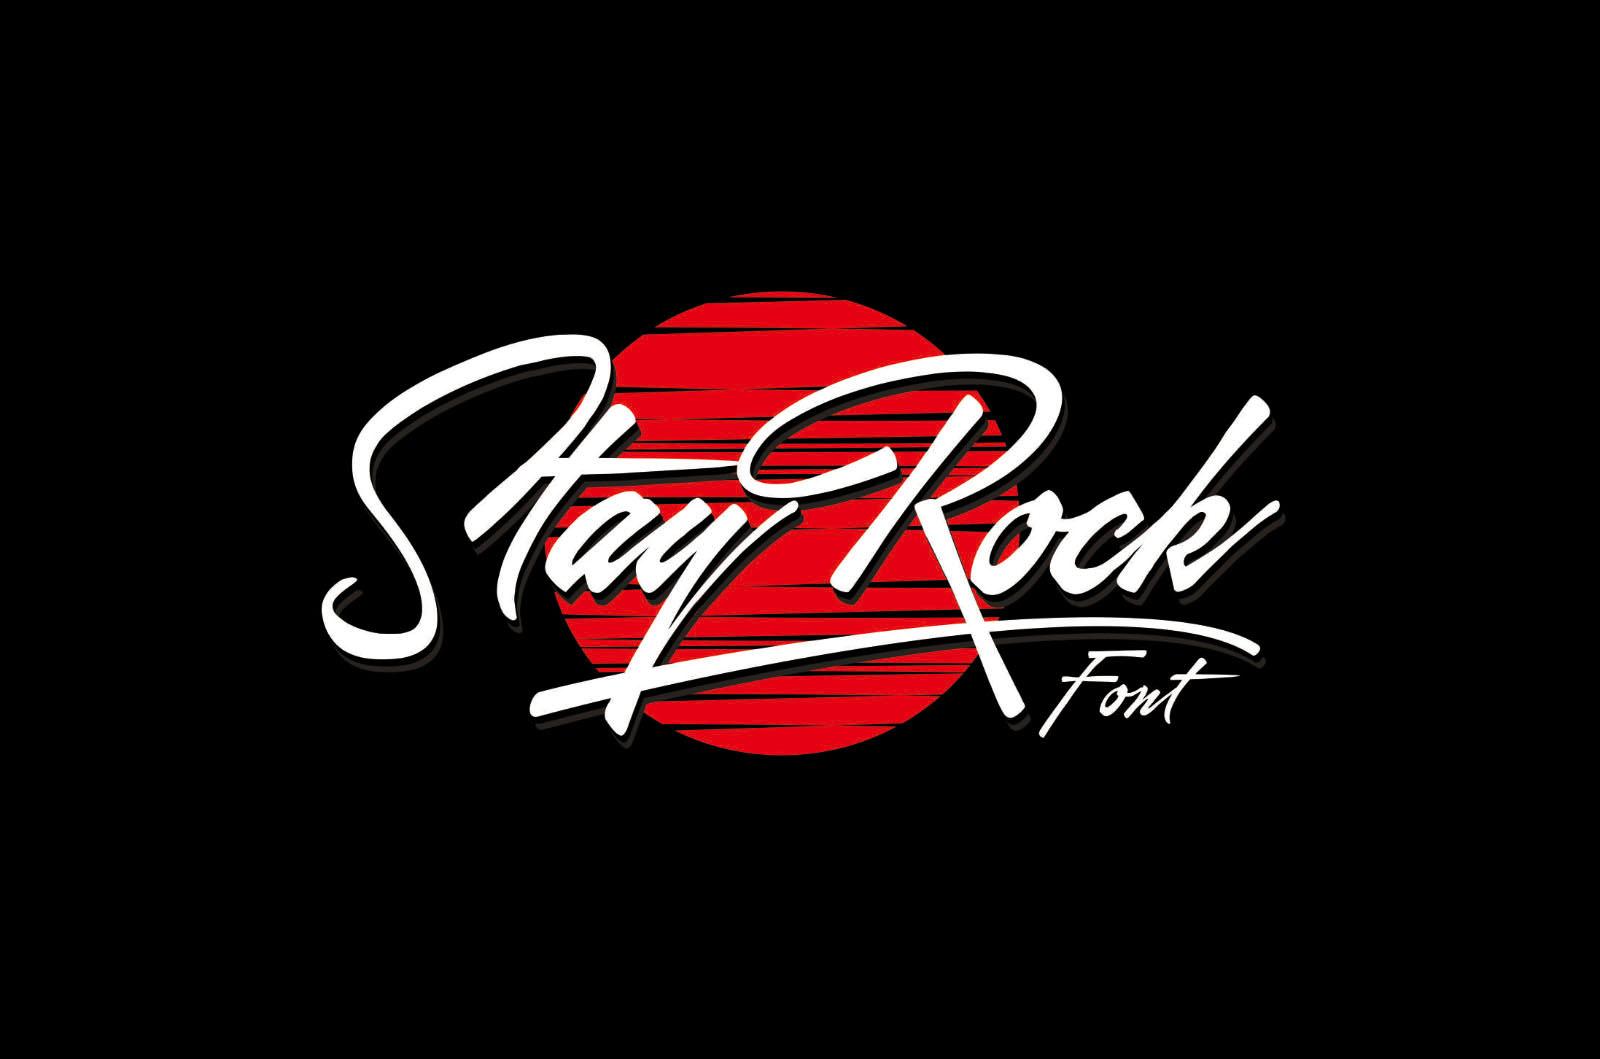 飘逸手写/书法签名斜体英文字体 StayRock Script Font插图